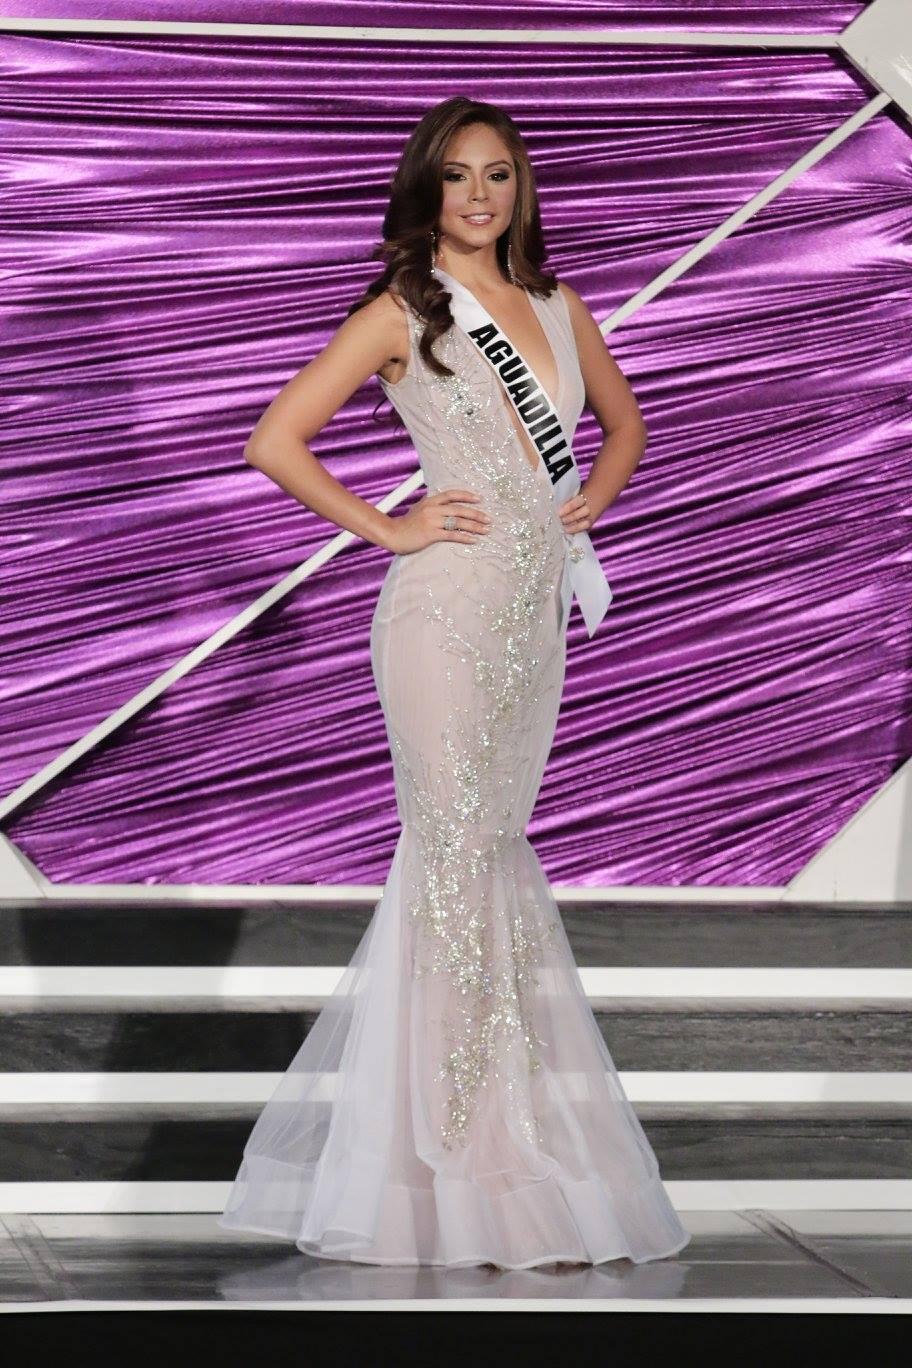 Puerto Rico cử mỹ nữ 9X nóng bỏng đi thi Miss Universe - 7